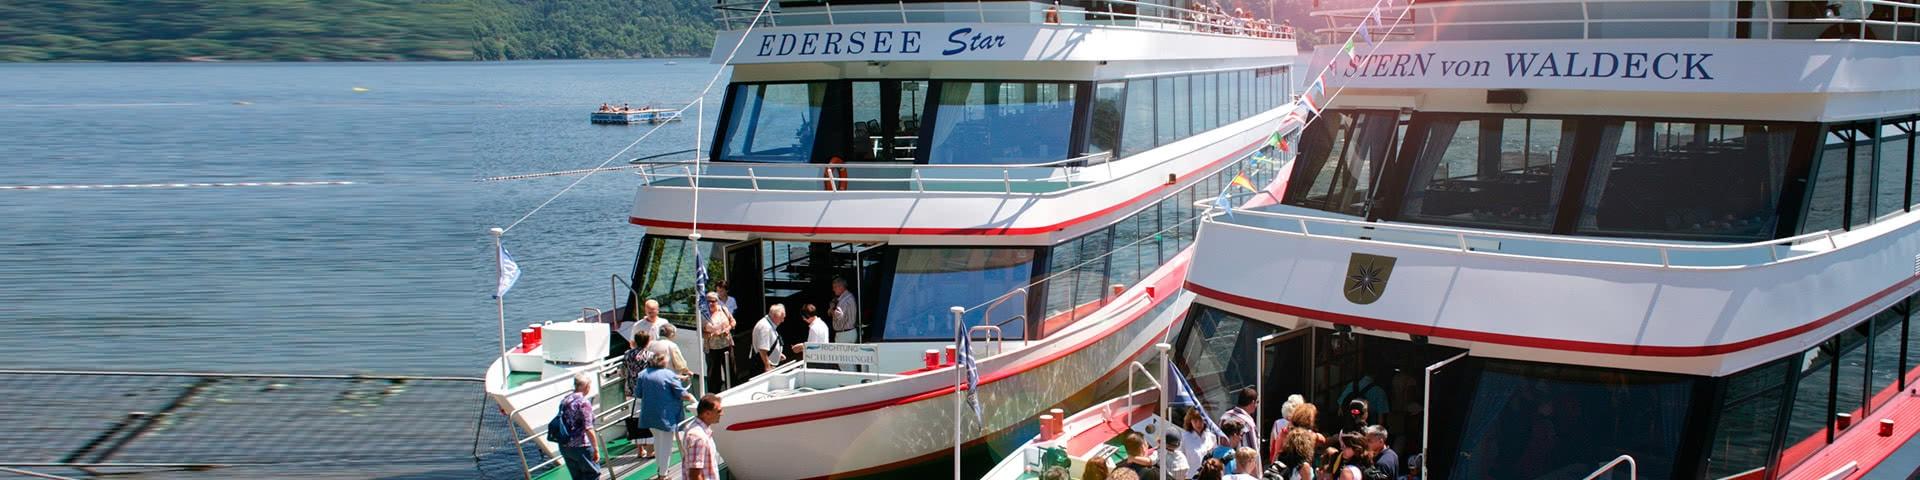 Zwei Passagierschiffe an einem Anleger am Edersee